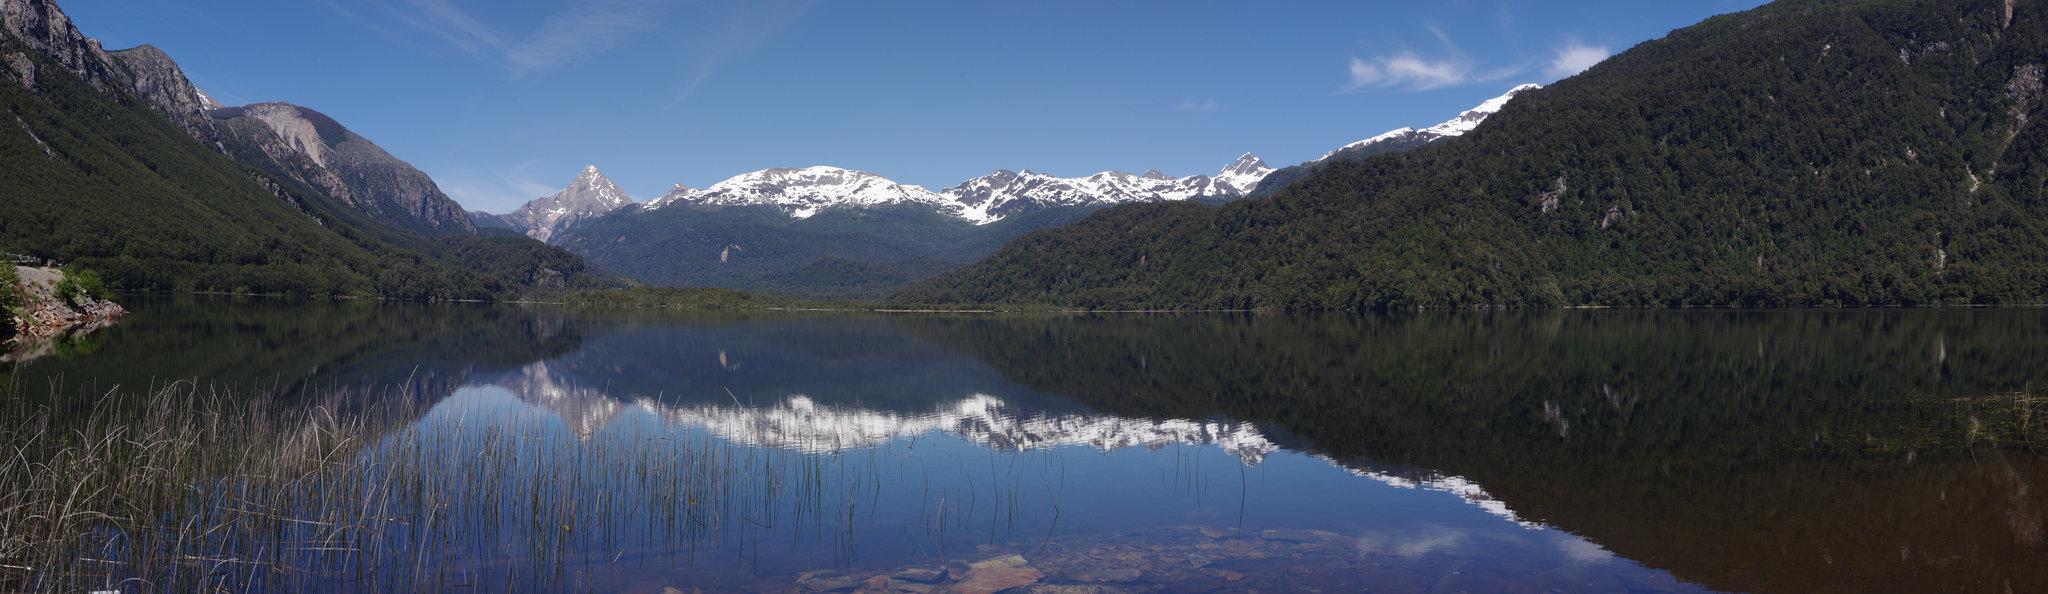 Vue d'un lac, Patagonie, Carretera Australe